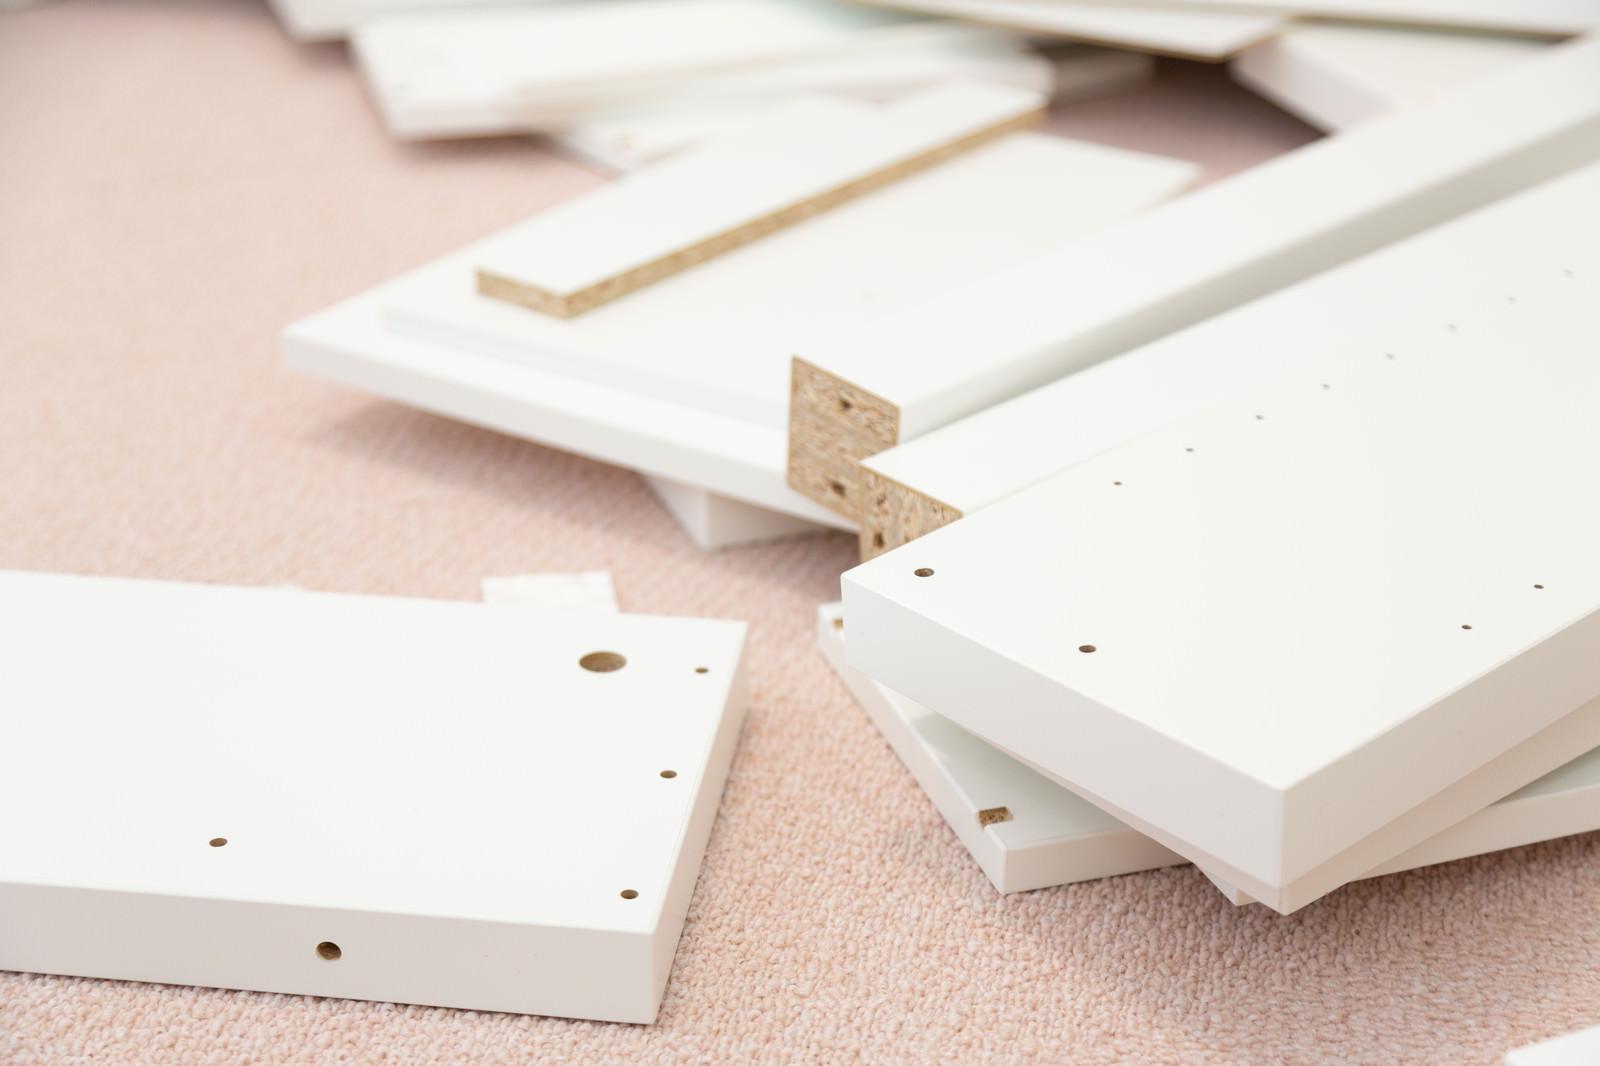 「組み立て式家具のパーツが多くて面倒」の写真